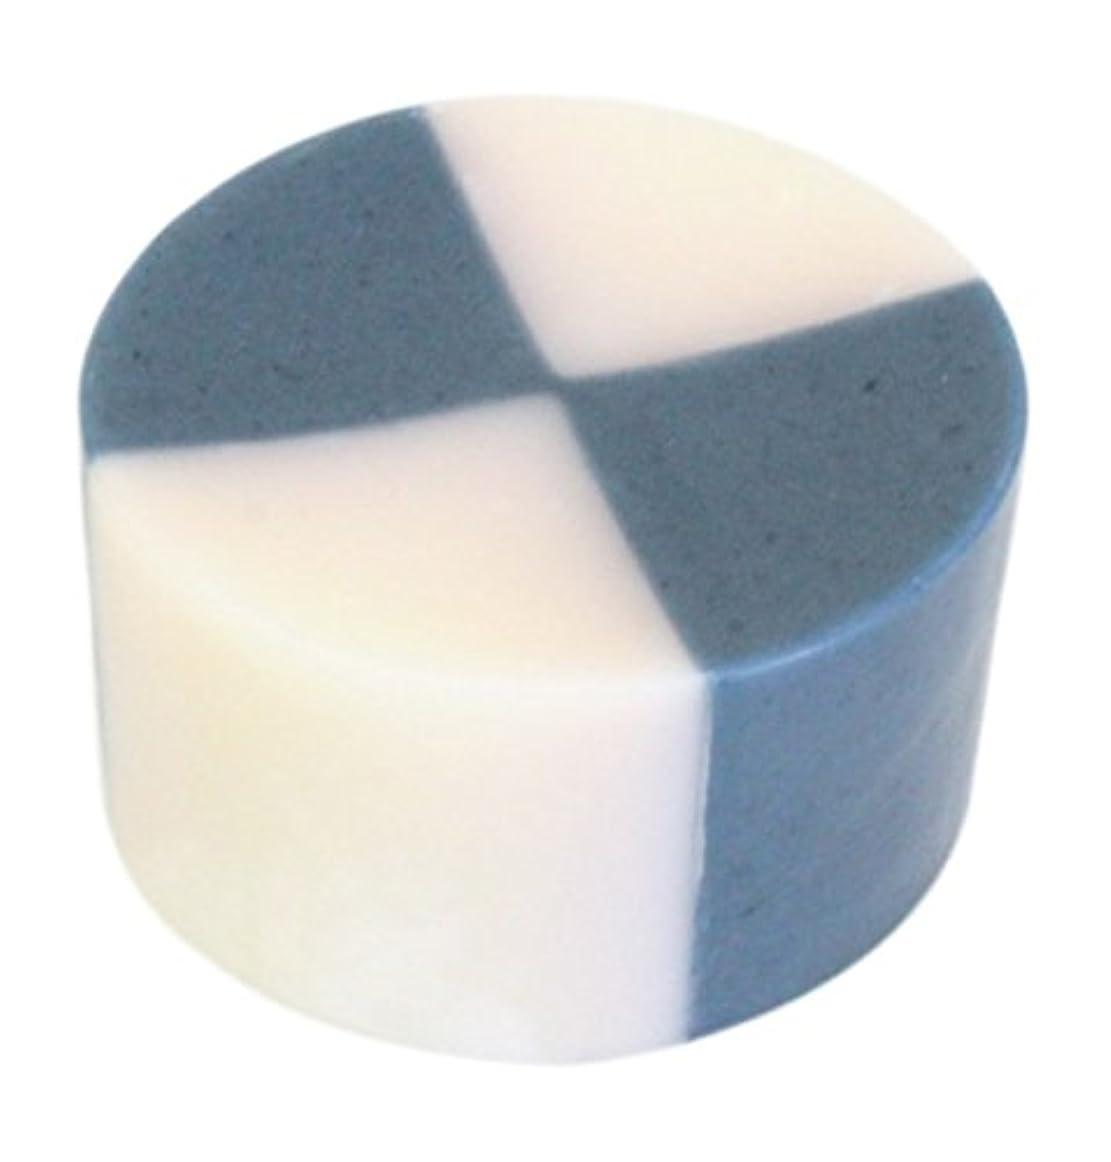 郵便局未亡人部分藍色工房 藍染め石けん「いちまつ」(60g)